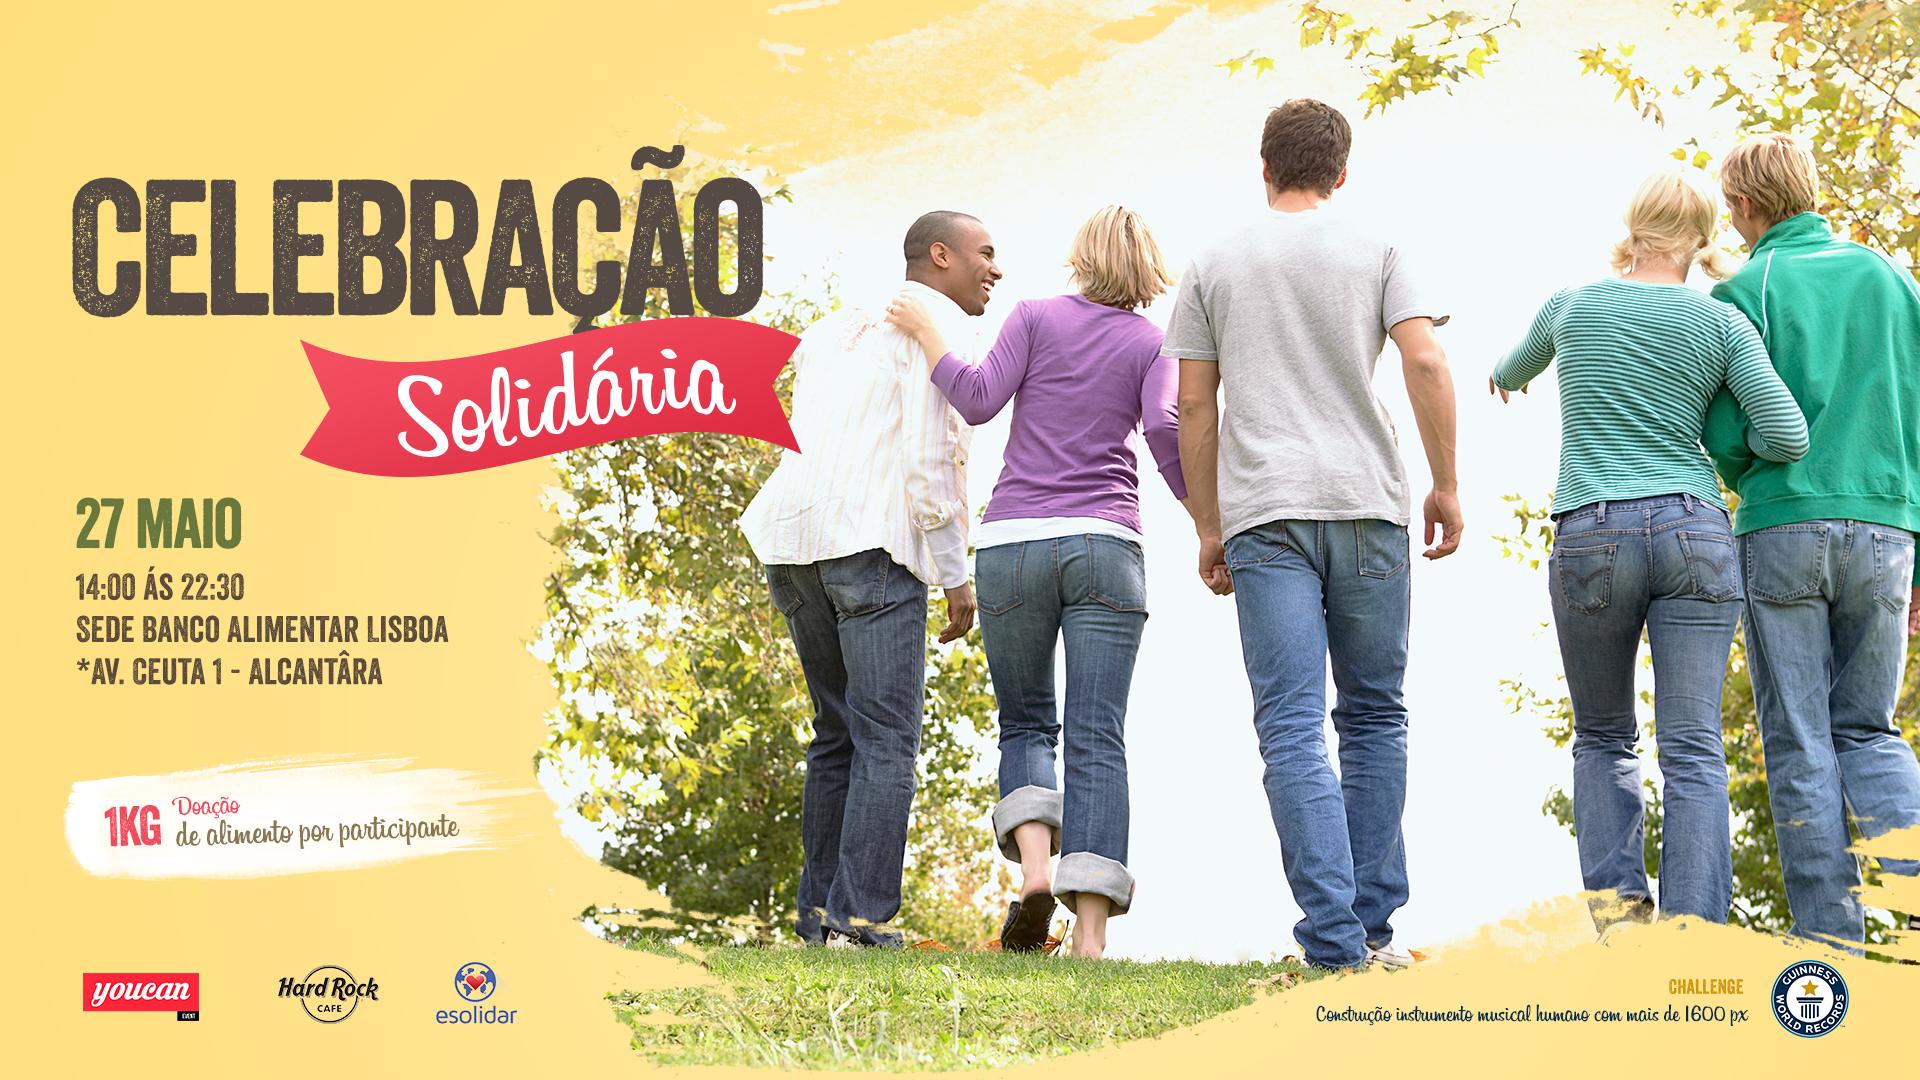 Celebraçao Solidaria